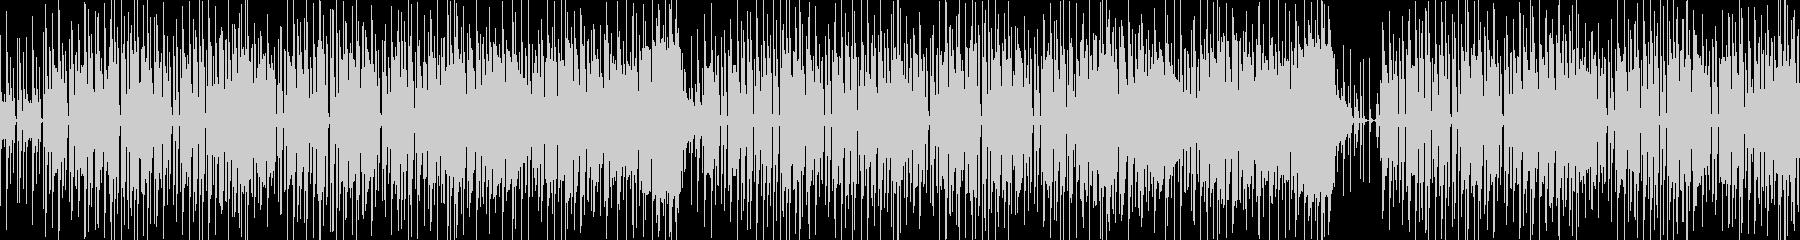 ほのぼのした口笛主体のBGMの未再生の波形